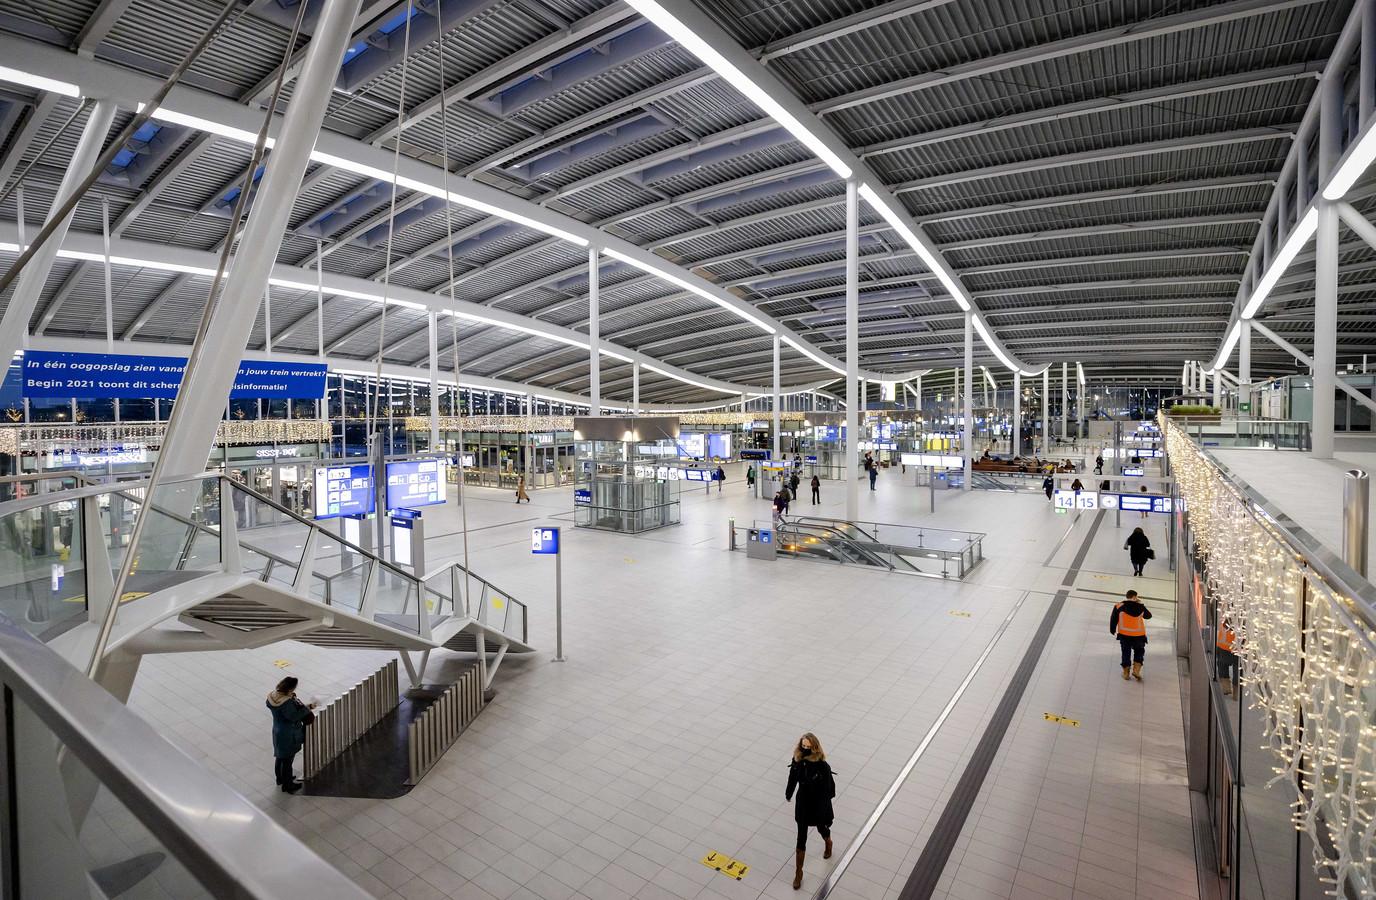 Utrecht Centraal afgelopen 15 december. Het aantal reizigers is slechts een fractie van normaal.